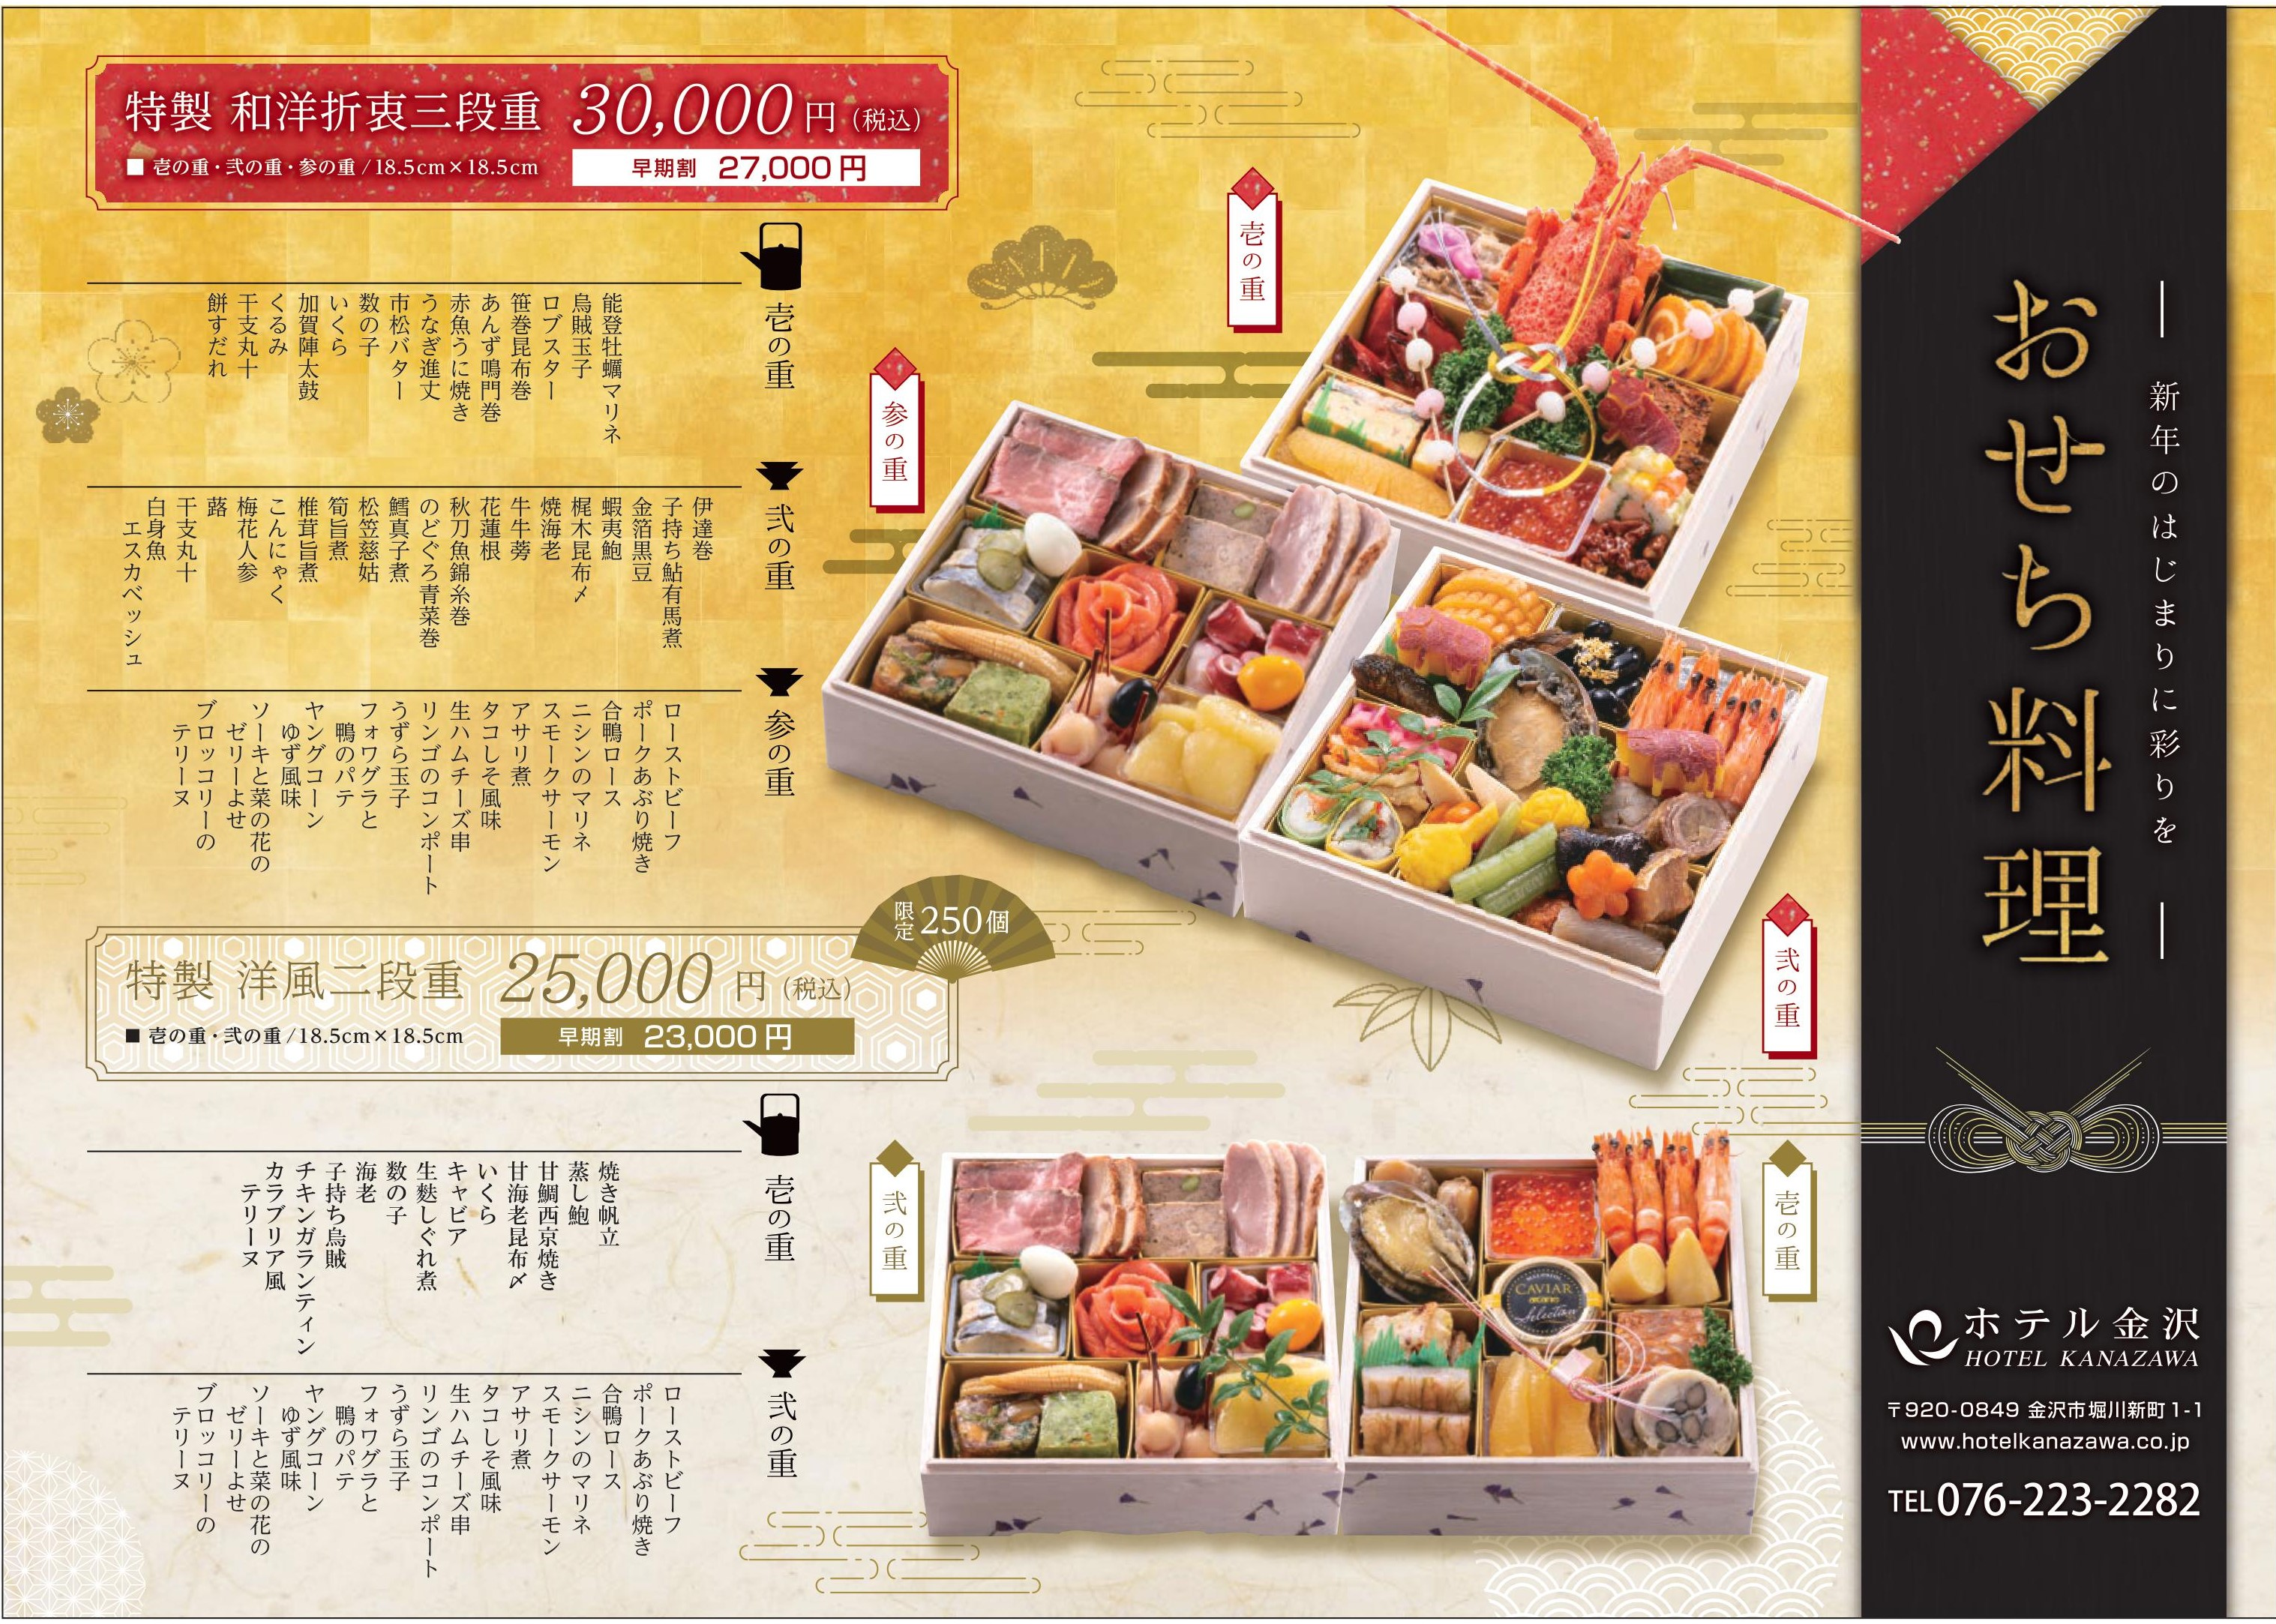 ホテル金沢の味で新年を~おせち料理のご案内~